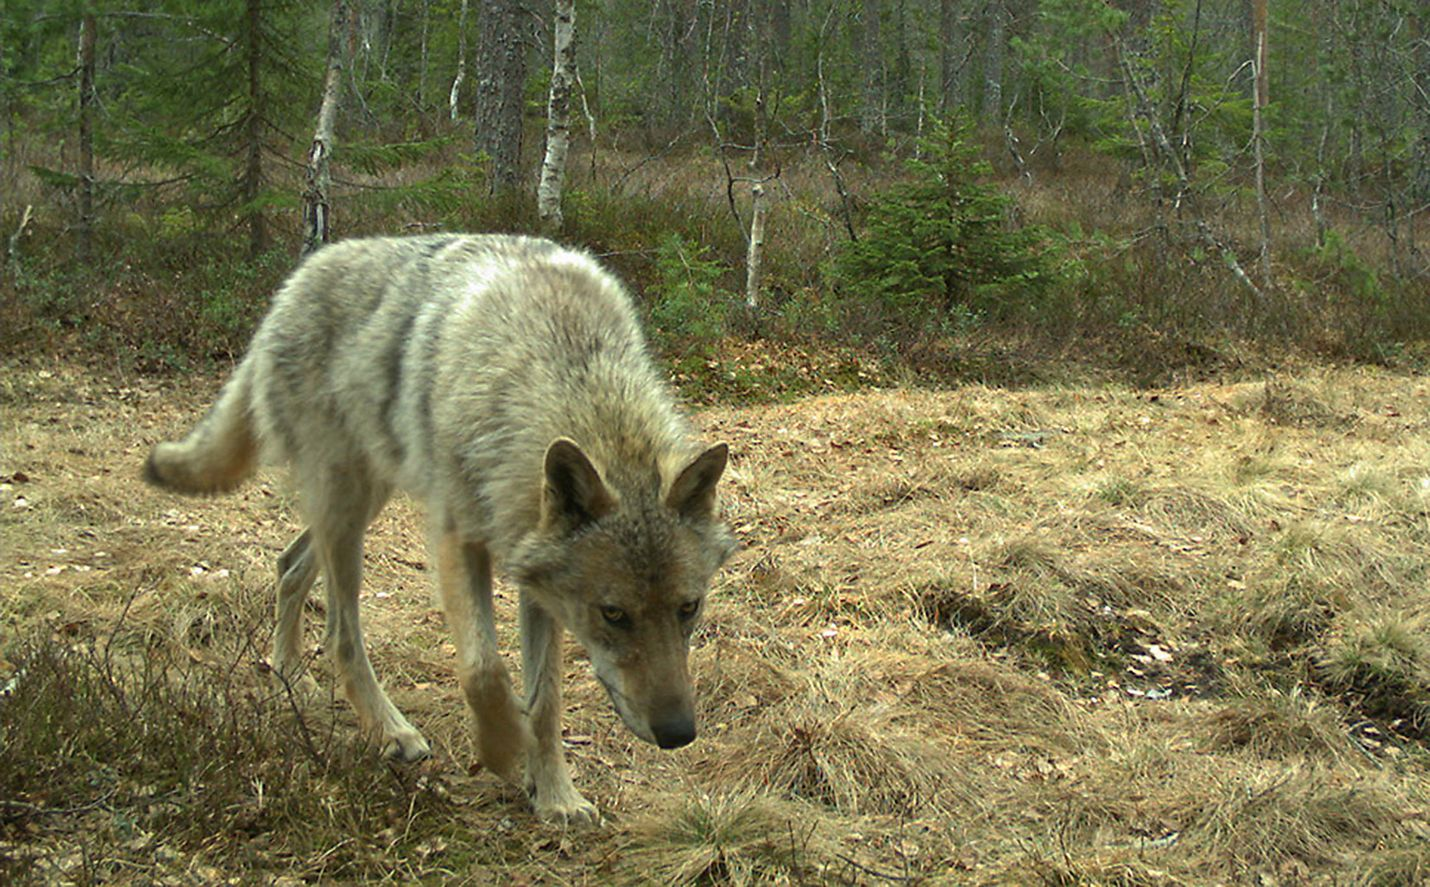 Norjan ja Ruotsin susikanta on tutkijoiden mukaan saanut alkunsa Suomesta ja Venäjältä vaeltaneista susista. Norjassa velloo myös siirtoistutushuhuja Suomen tapaan. Tämä susi tallentui norjalaisen tutkimusinstituutin riistakameraan toukokuussa.